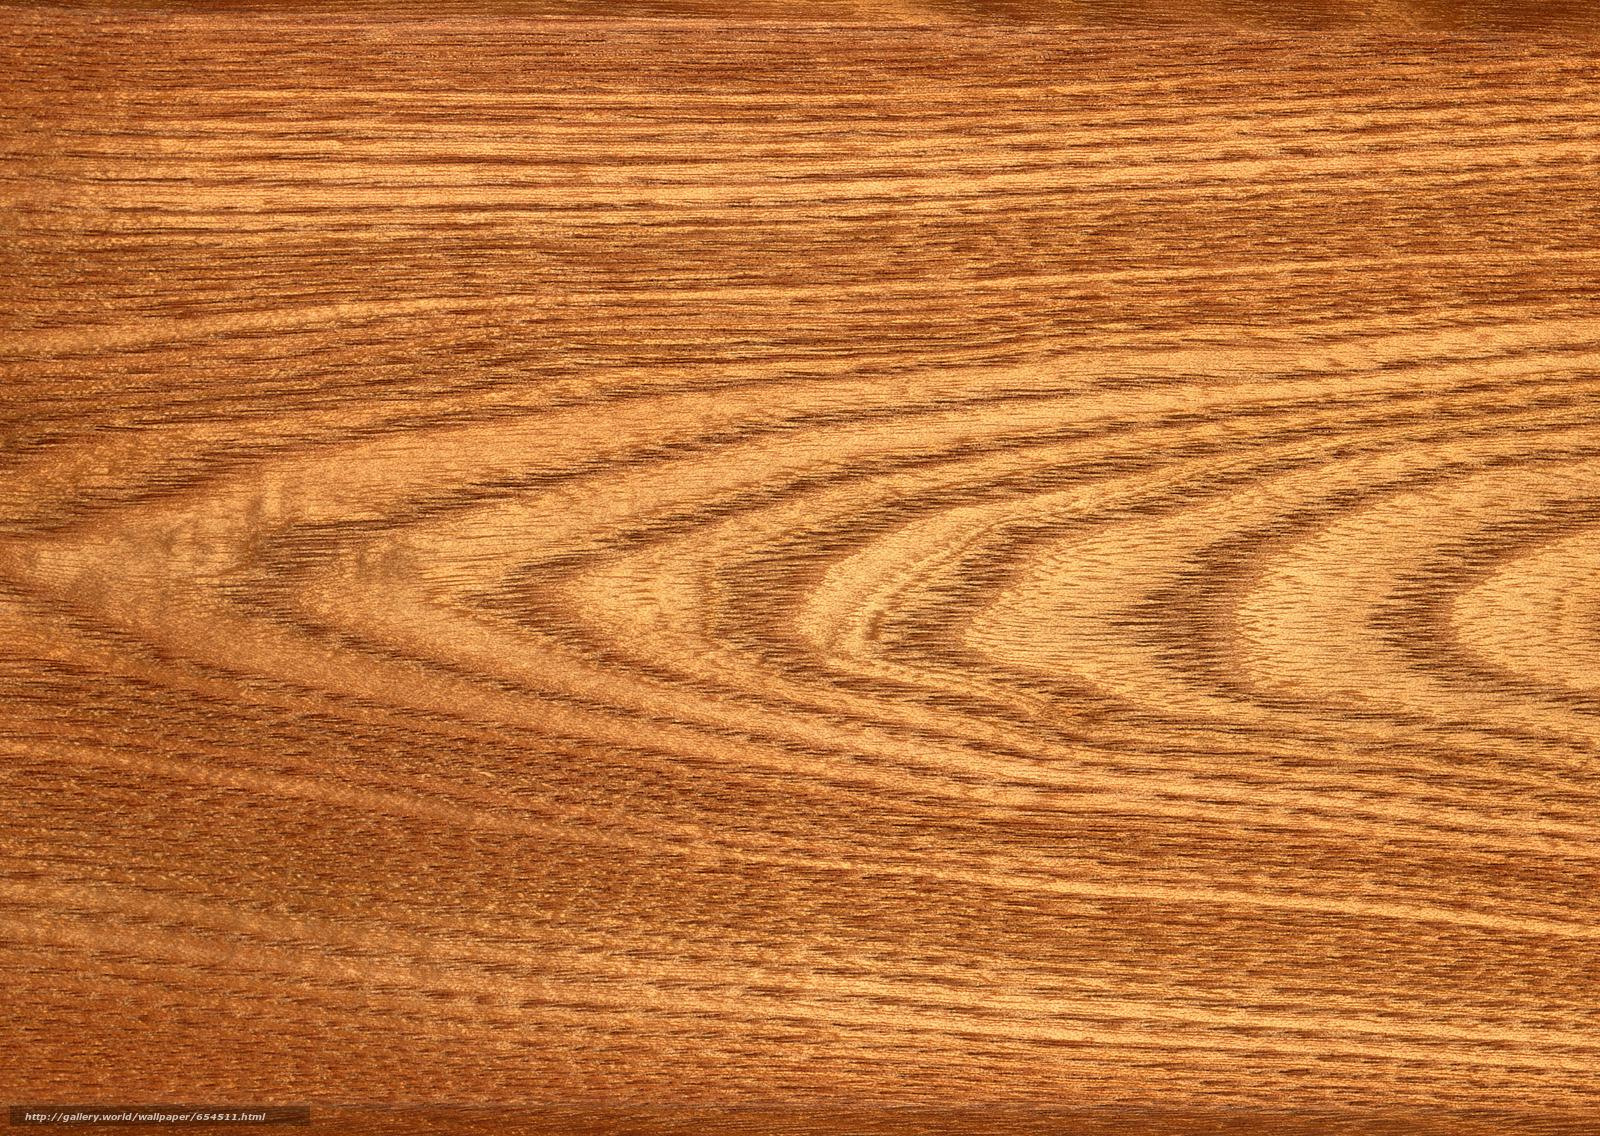 Скачать обои текстура,  текстуры,  дерево,  фон бесплатно для рабочего стола в разрешении 2950x2094 — картинка №654511